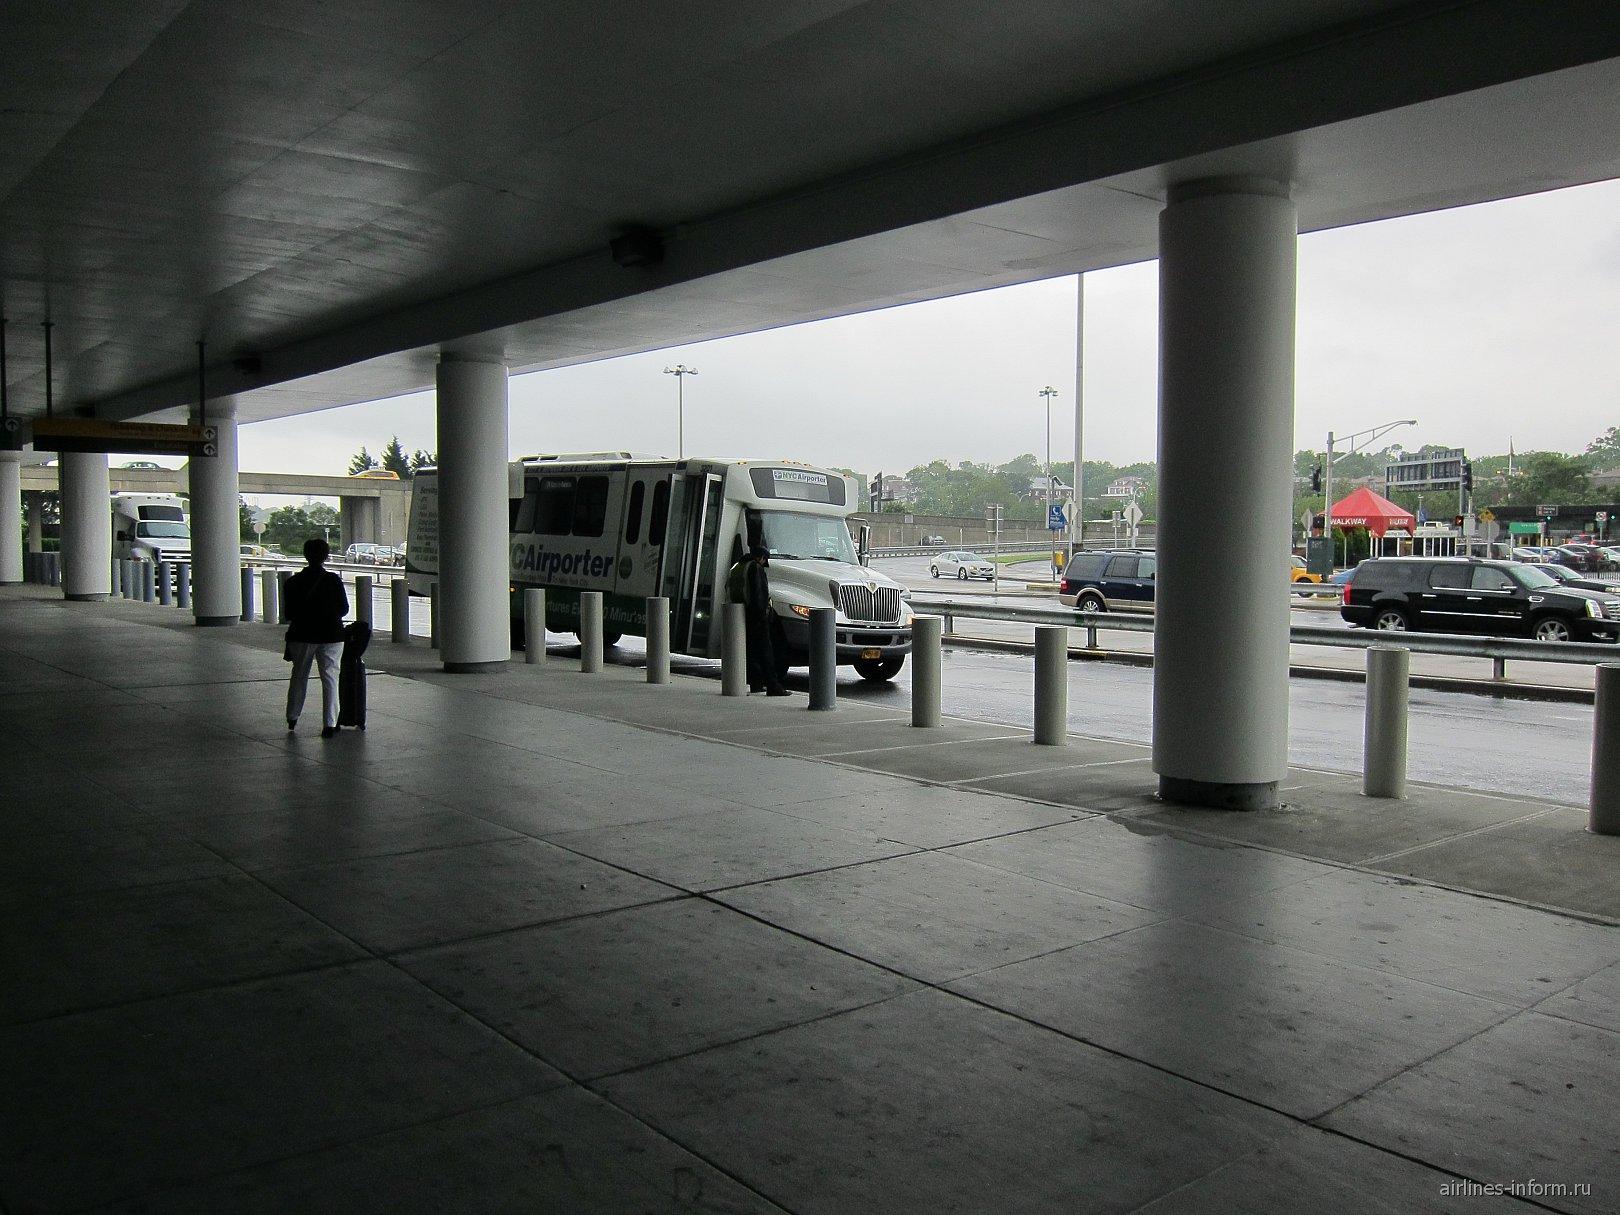 Трансфер между аэропортами Нью-Йорка